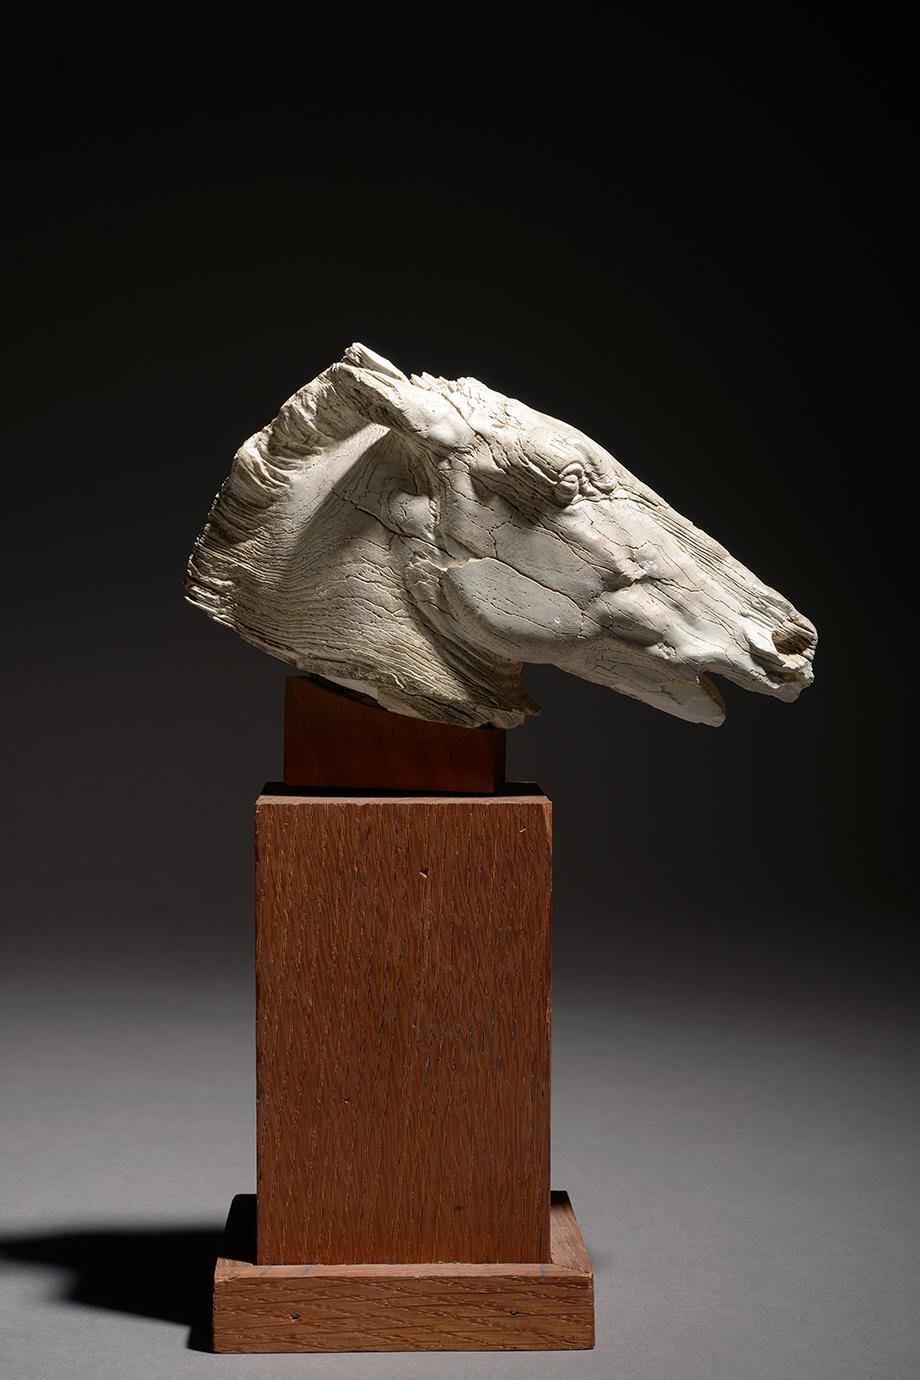 C'est la première fois qu'une pièce en ivoire aussi importante est mise sur le marché.